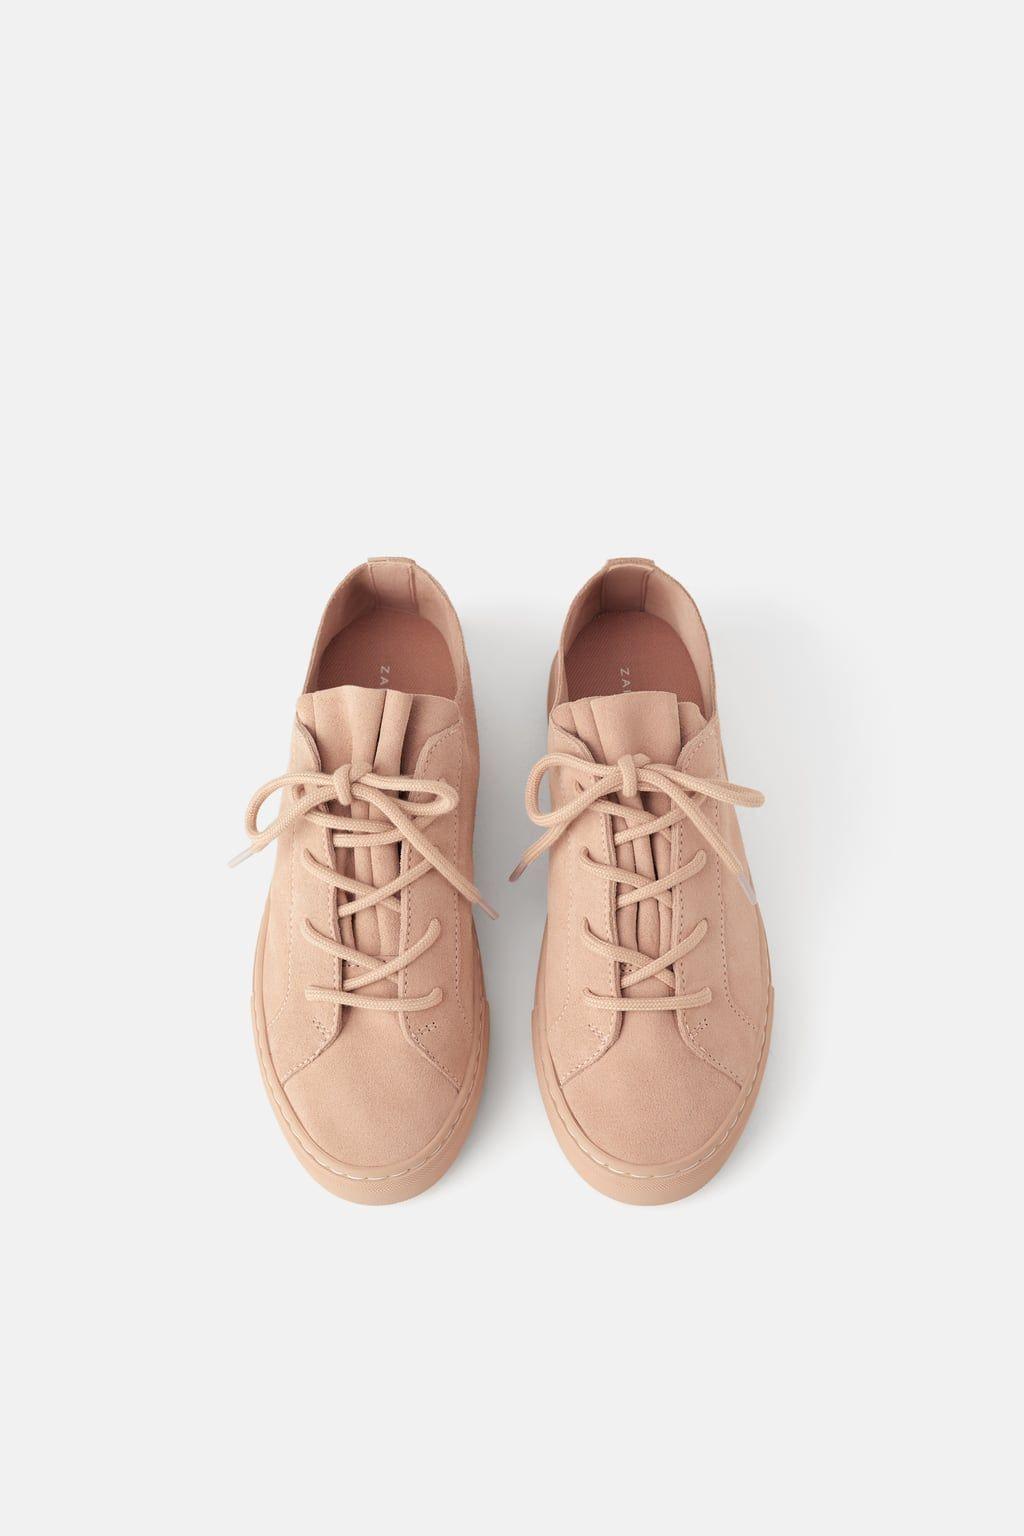 Zara Woman Split Leather Sneakers Turnschuhe Damen Lederschuhe Damen Zara Schuhe